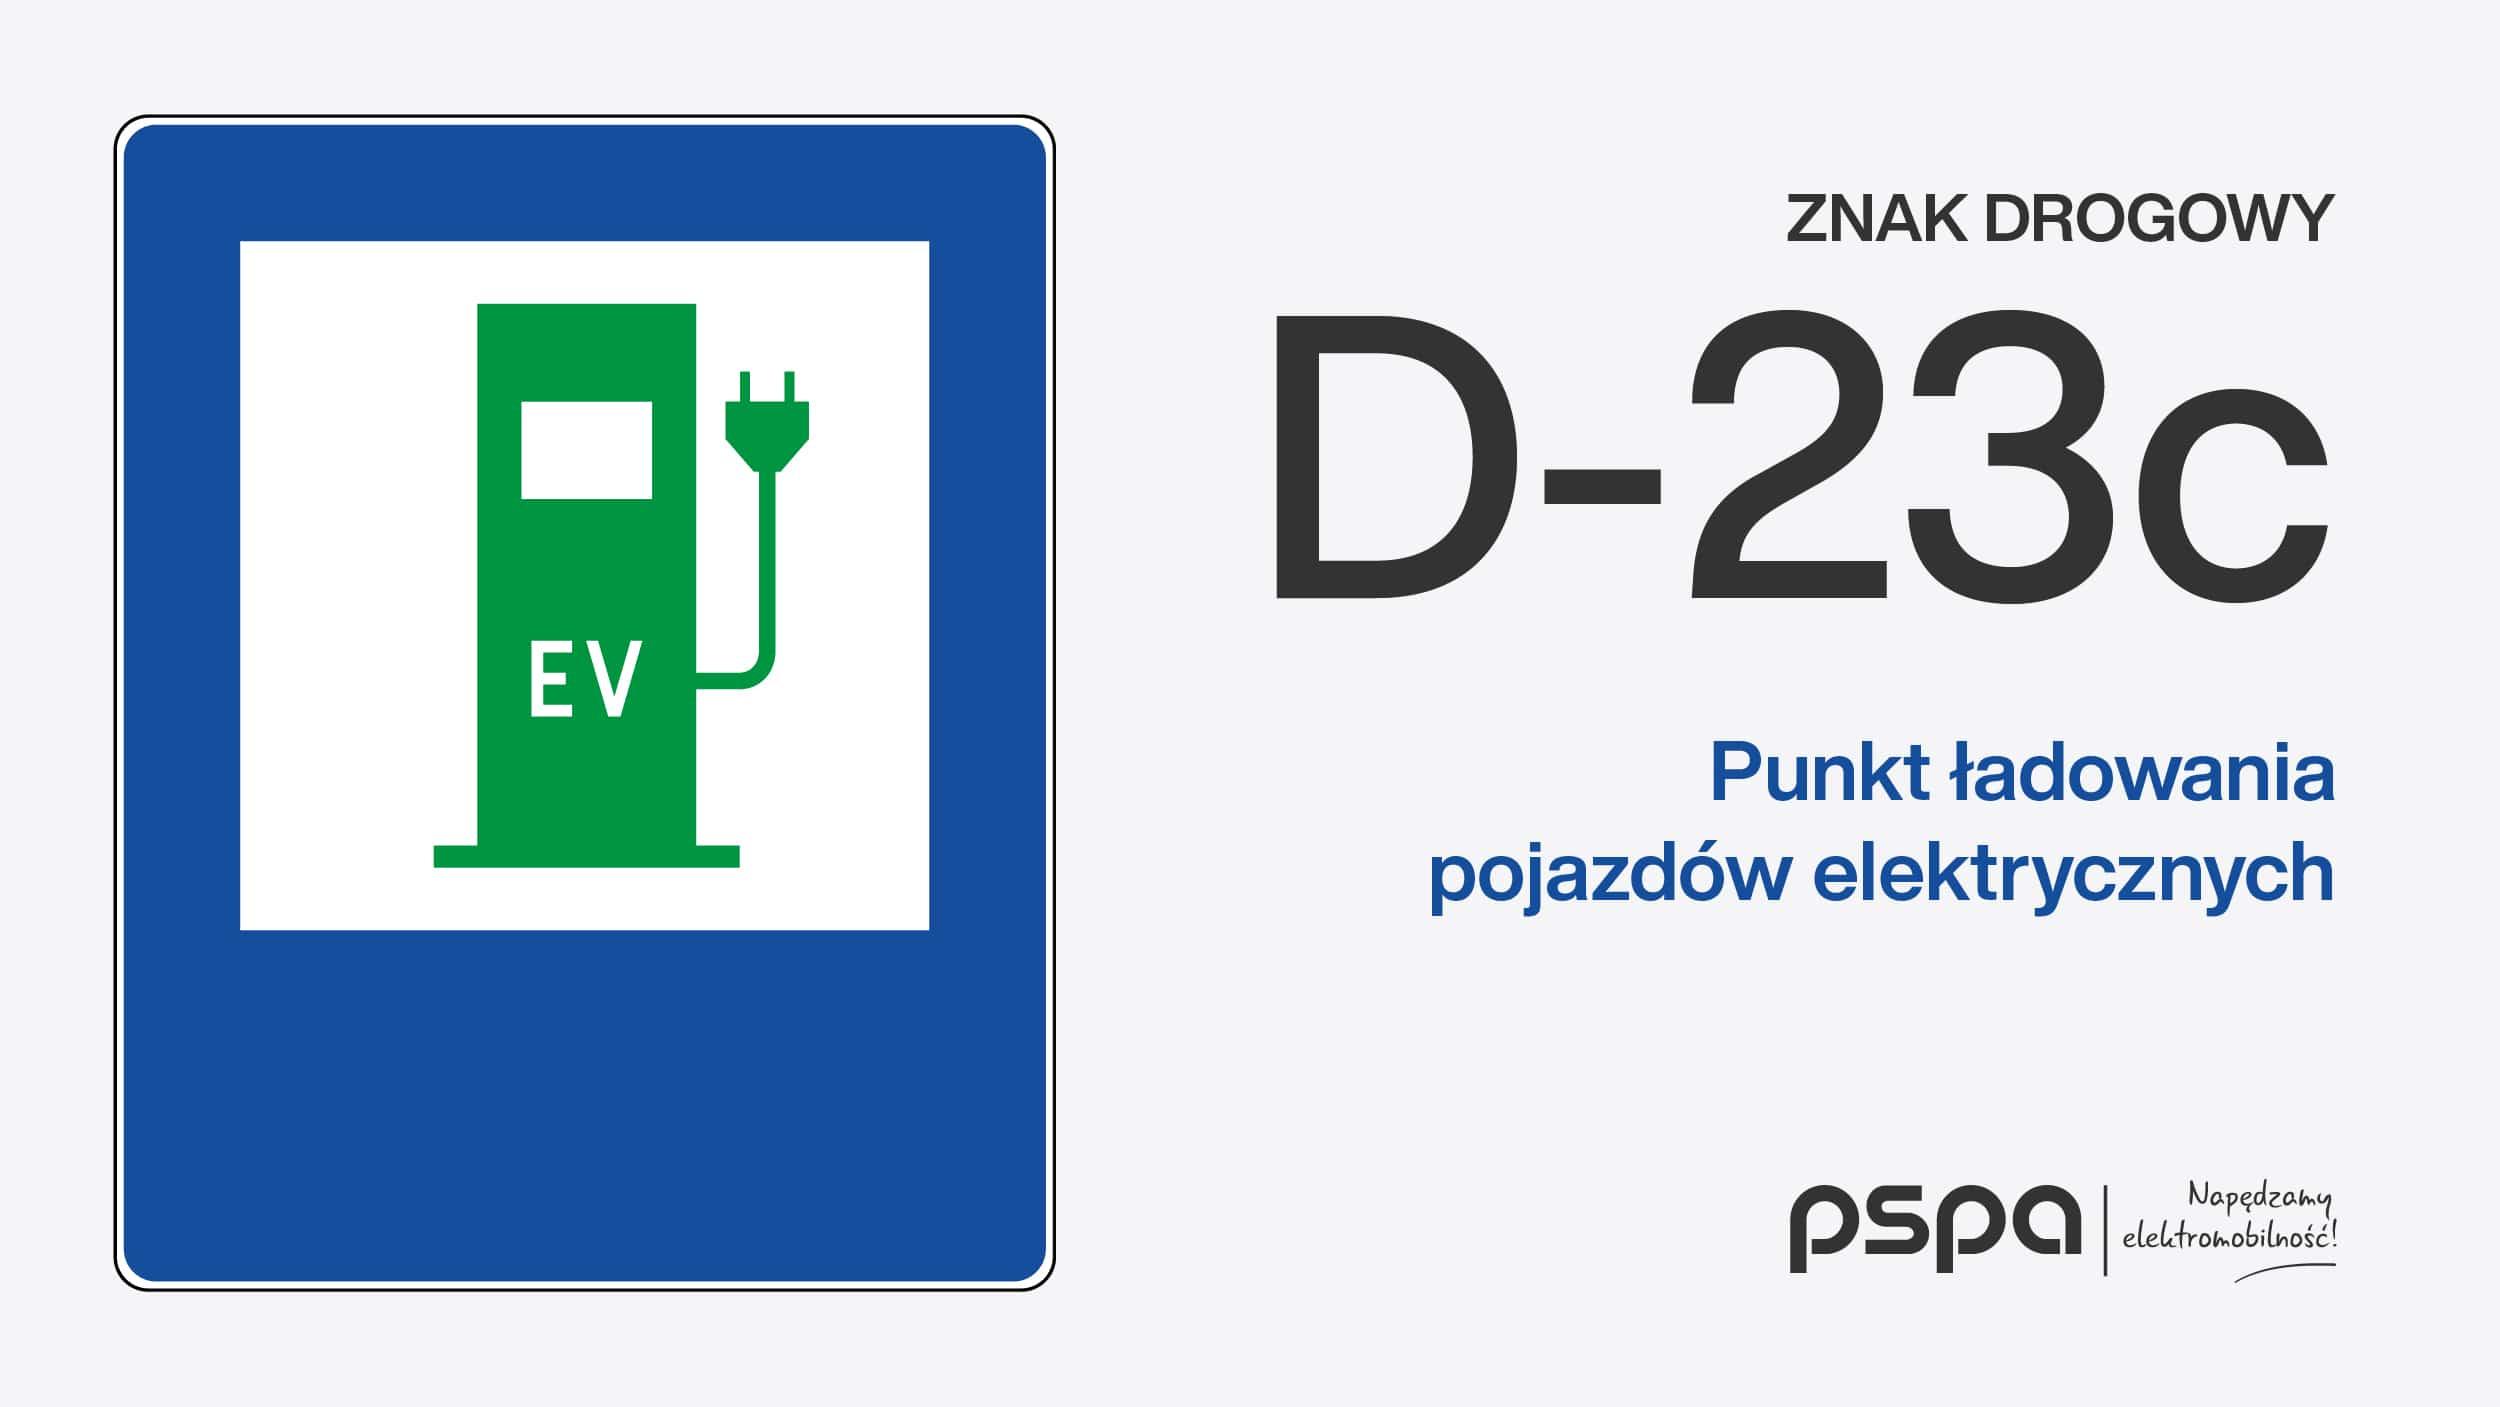 PSPA_Znaki_dla_elektromobilnosci_FOT_1